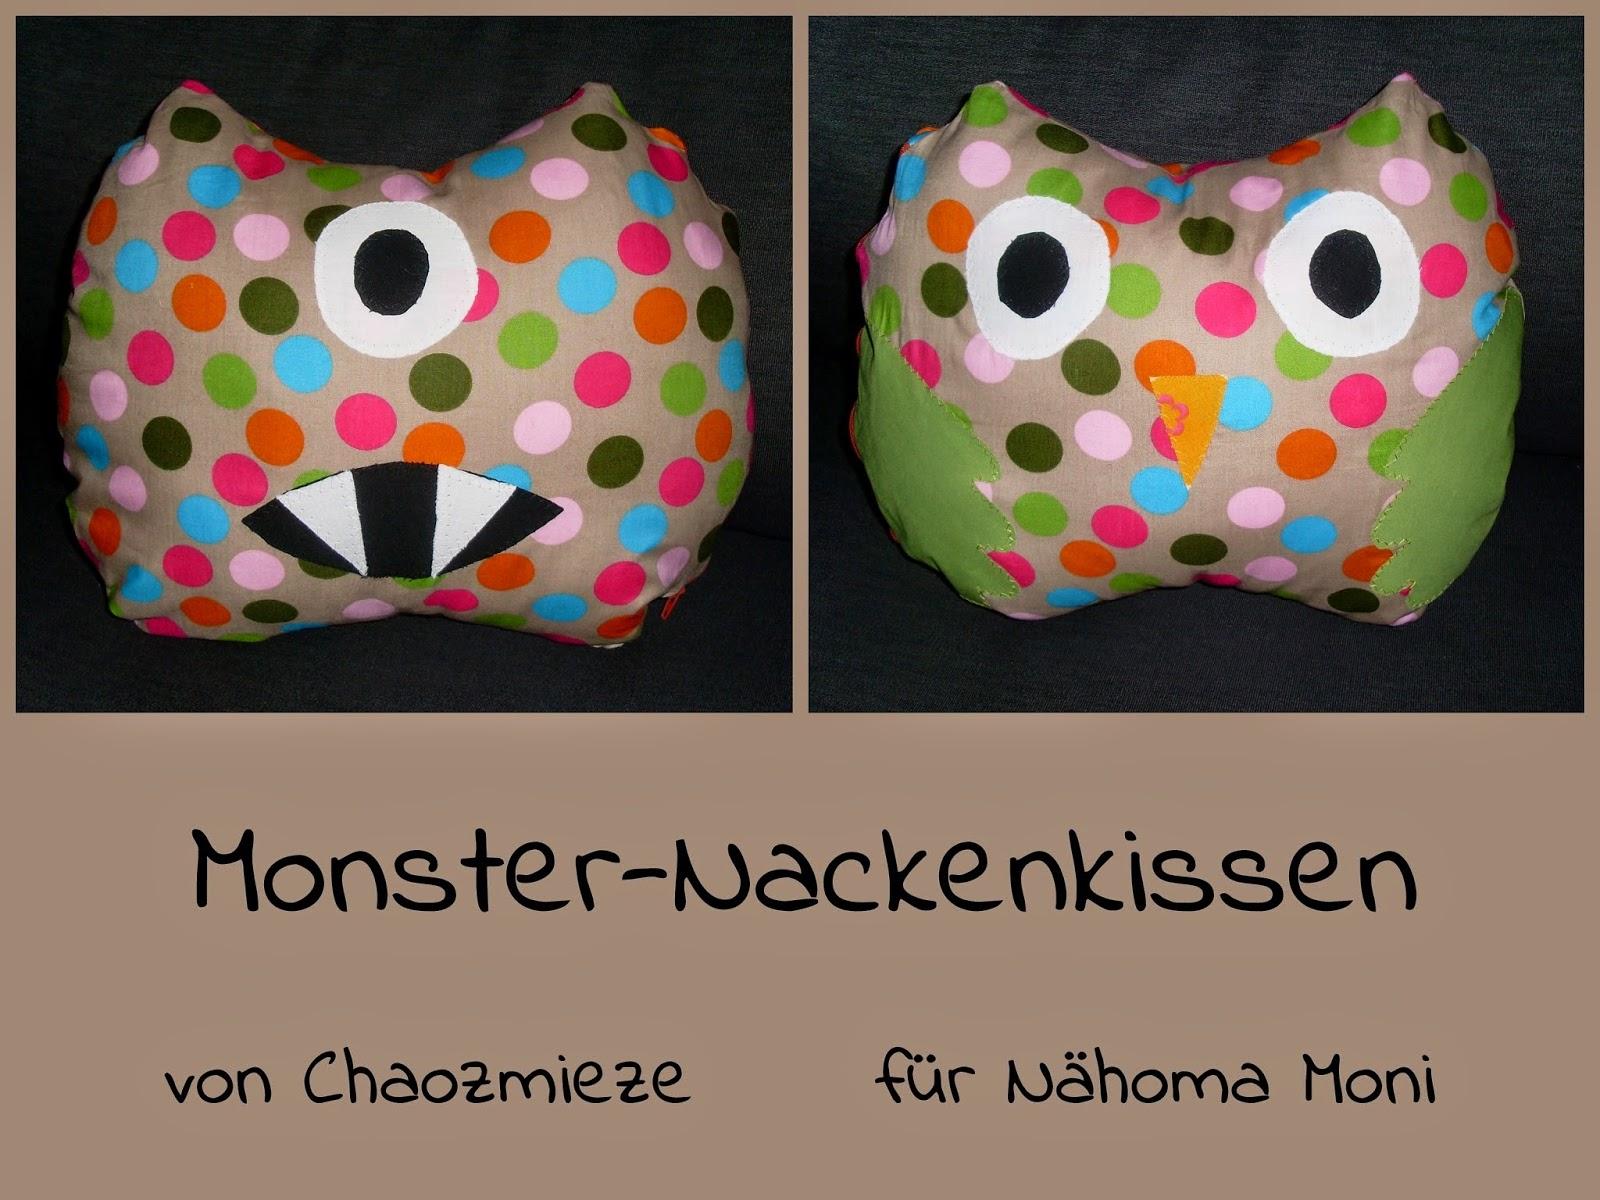 http://chaozmieze.blogspot.de/2014/11/rums-monster-nackenkissen.html